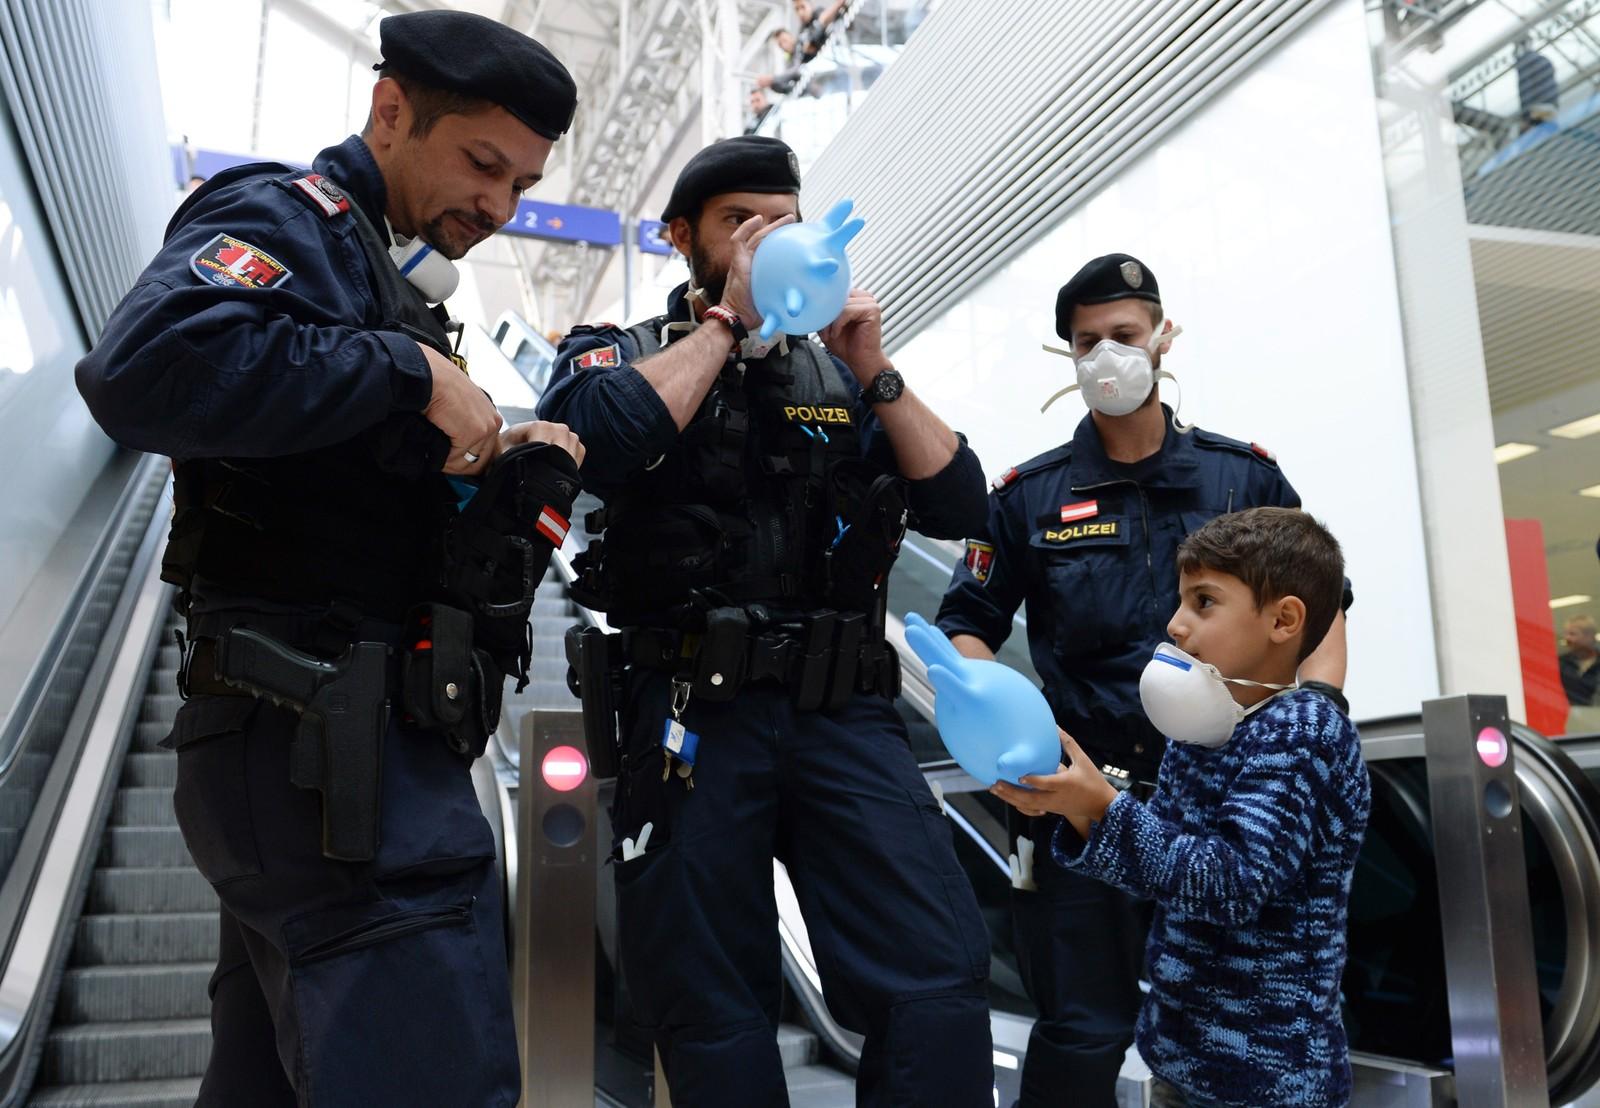 Østerrisk politi blåser opp hansker til ballonger for å underholde en flyktninggutt inne på togstasjonen i Salzburg. Titusenvis av syriske flyktninger har ankommet Østerrike og Ungarn de siste ukene.